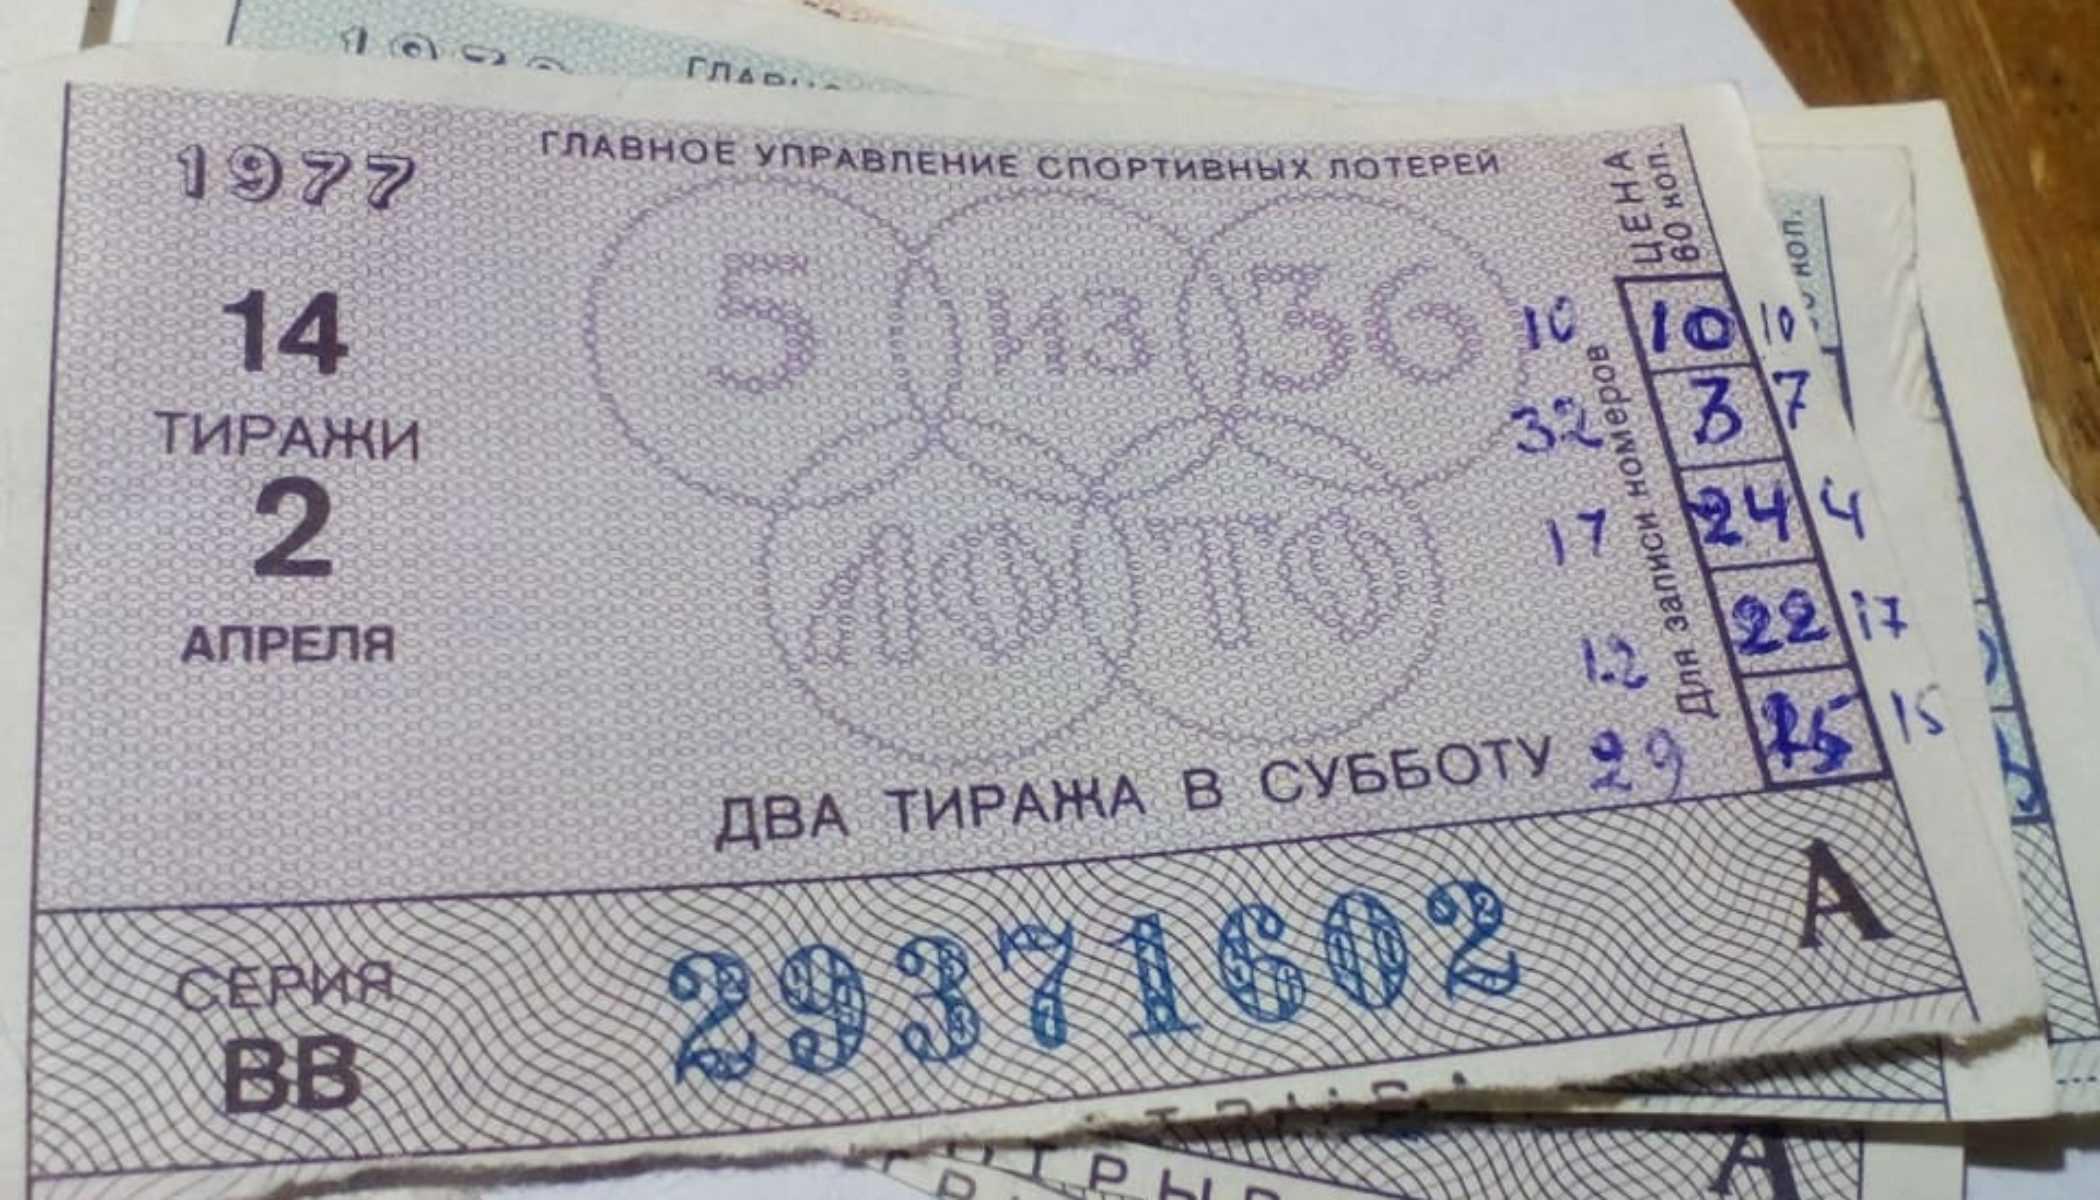 Xổ số Tây Ban Nha - cách chơi từ Nga